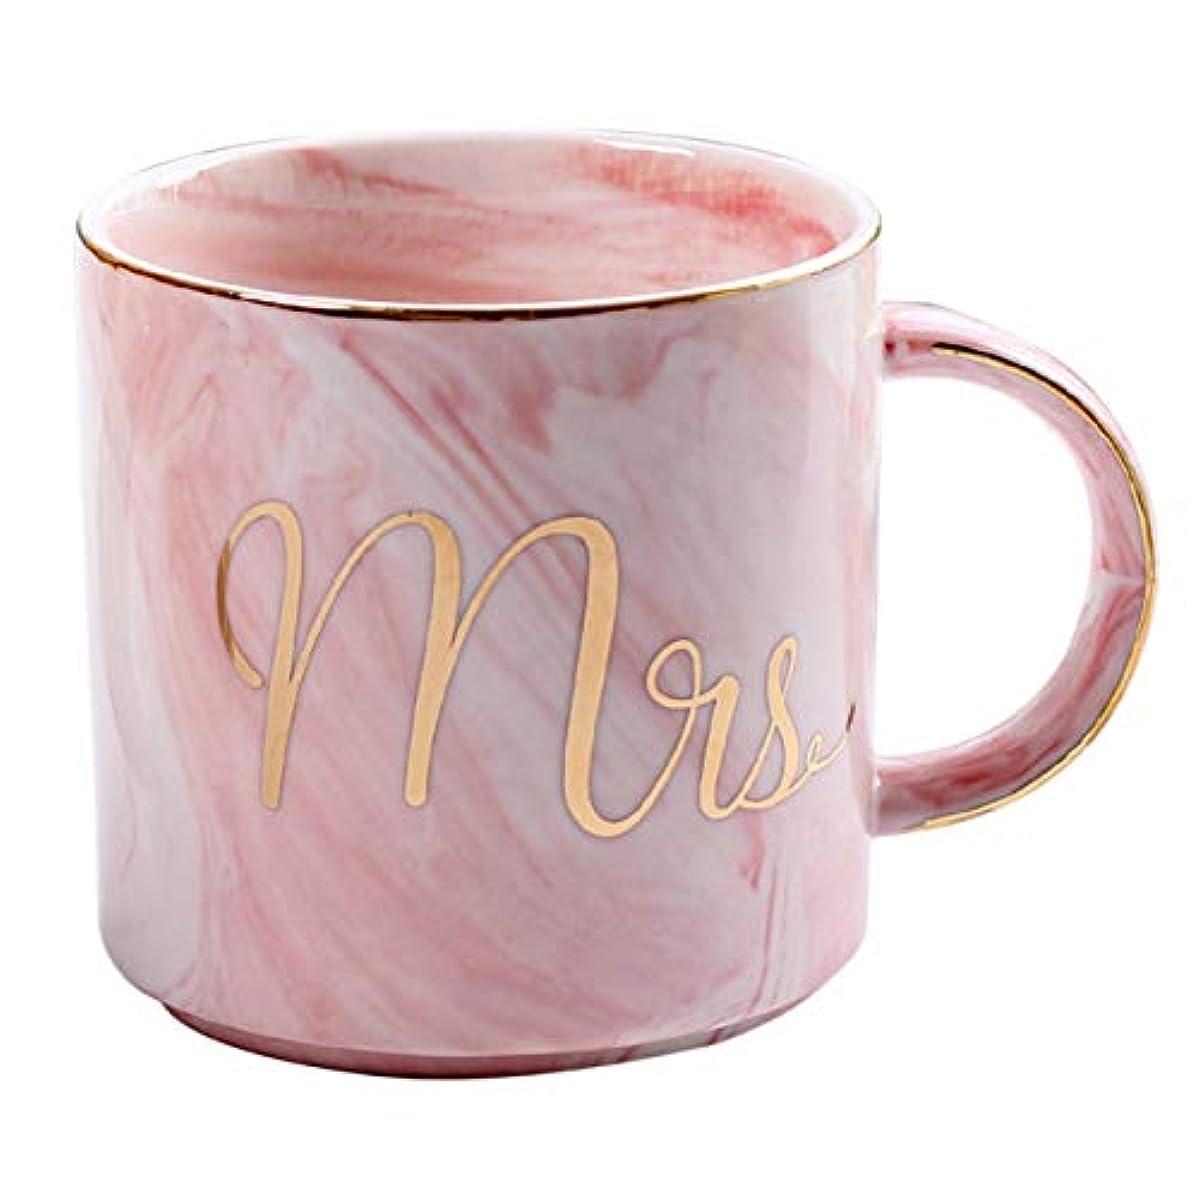 スポーツをする悲劇的なローンSaikogoods 愛好家のためのホームオフィスベストギフトのための美しいMarbelパターンセラミック水マグレタープリントコーヒーカップ ピンク